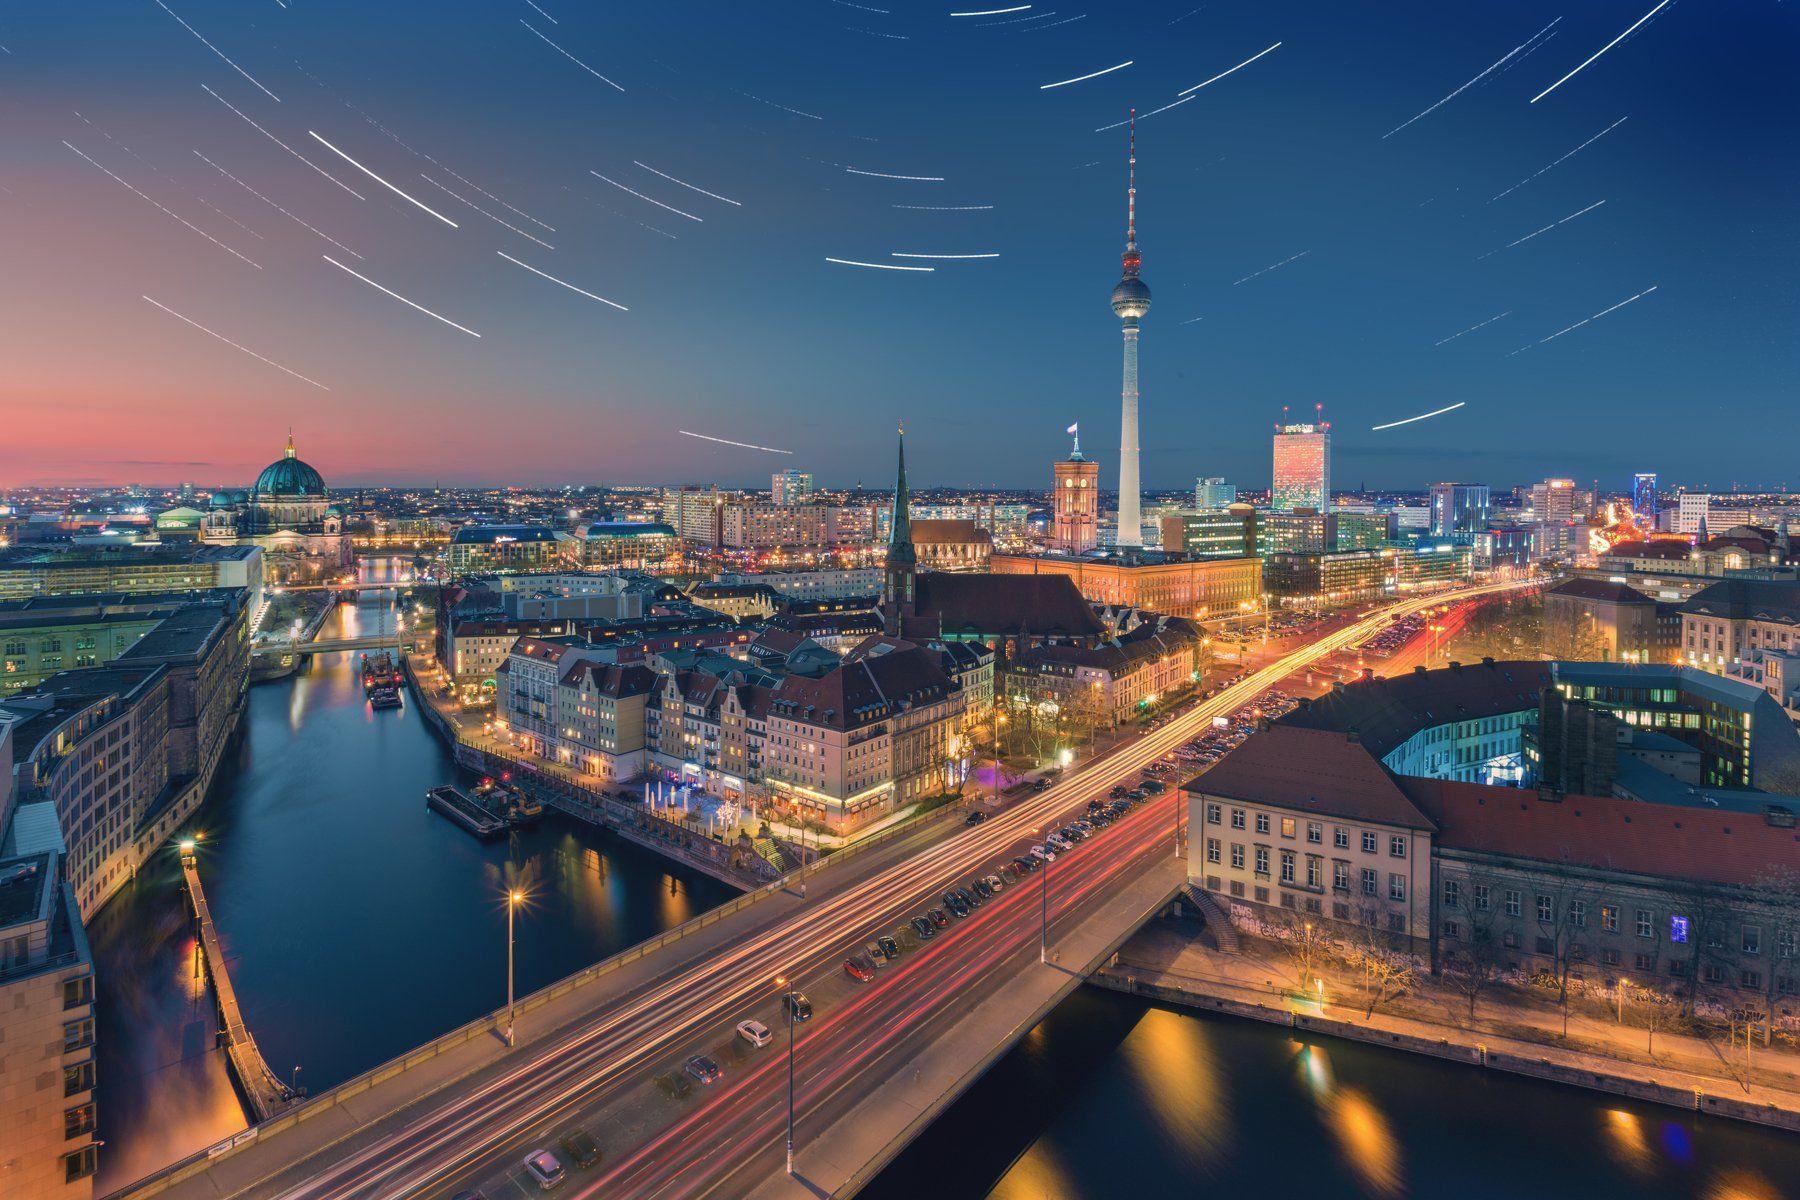 берлин, город, ночь, сумерки, улица, движение, небо, треки, германия, достопримечательности, свет, Алексей Чумаков